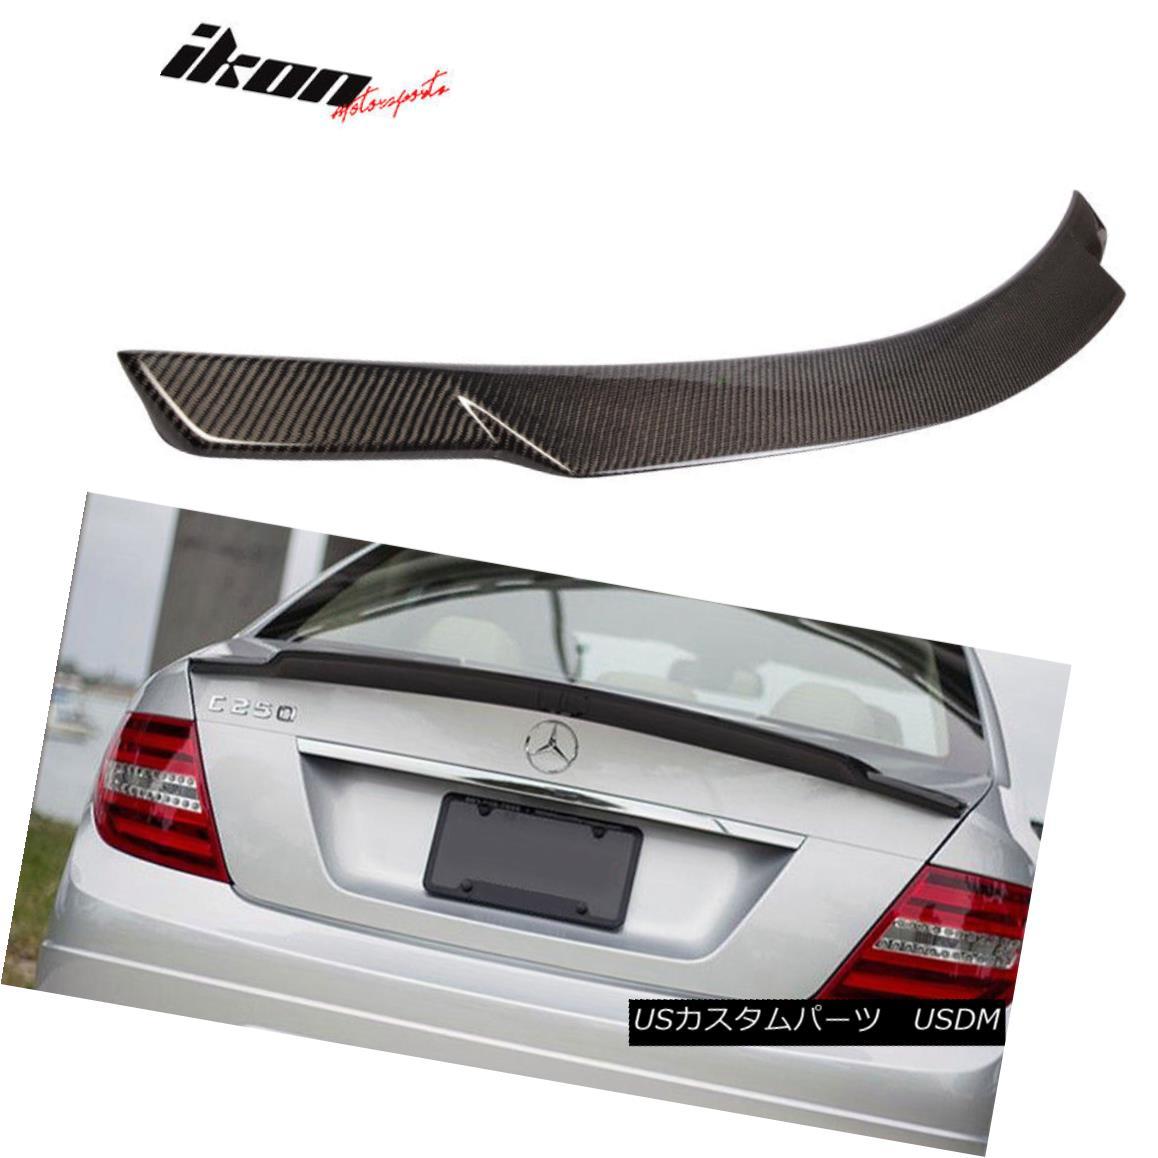 エアロパーツ Fits 08-14 Benz C-Class W204 Sedan V Type Trunk Spoiler Carbon Fiber (CF) フィット08-14ベンツCクラスW204セダンVタイプトランクスポイラー炭素繊維(CF)